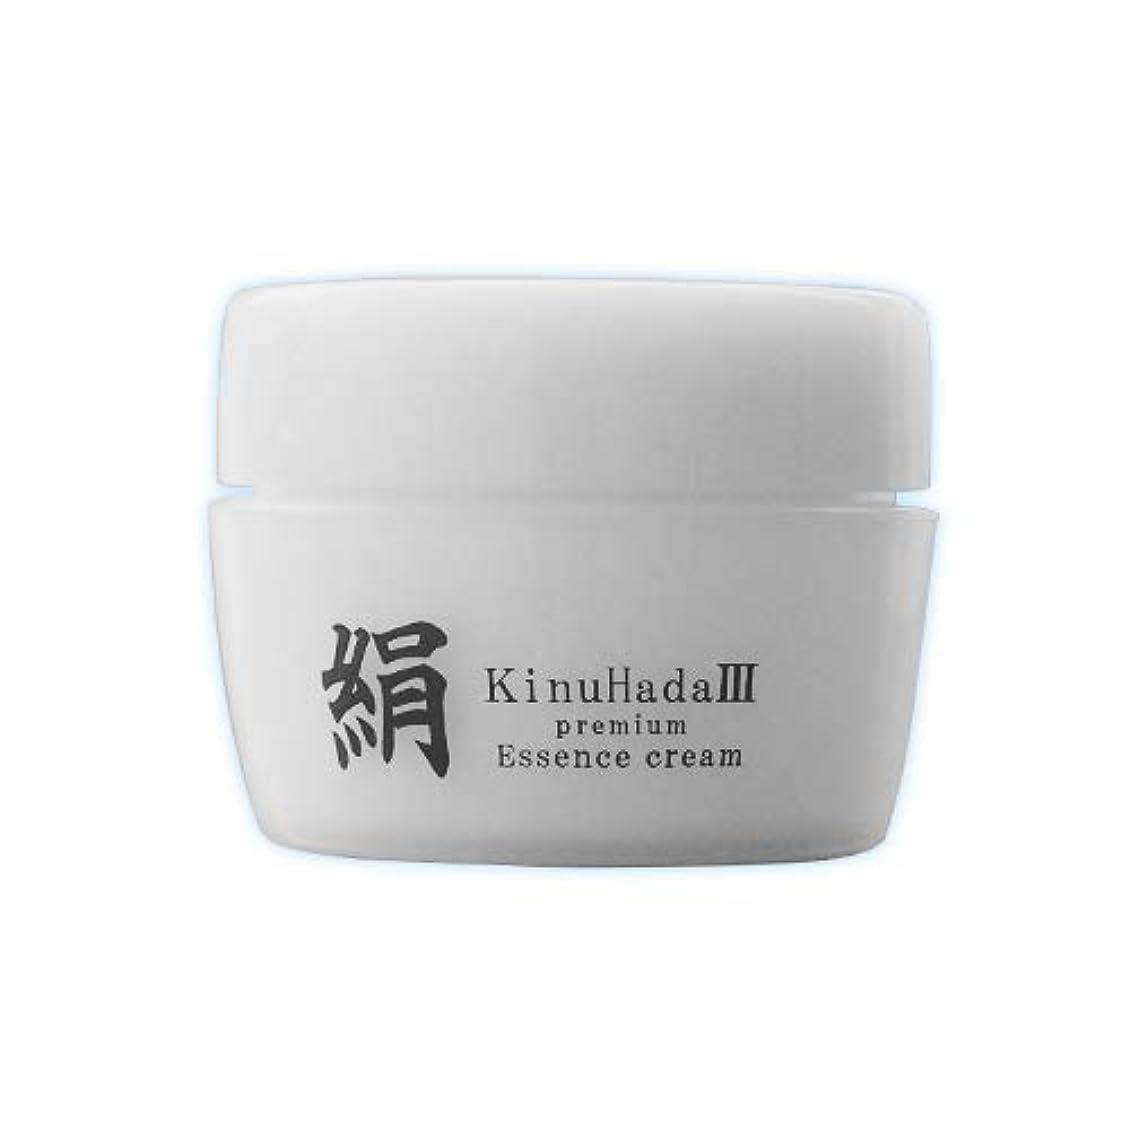 降ろす既婚人に関する限りKinuHada 3 premium 60g オールインワン 美容液 絹